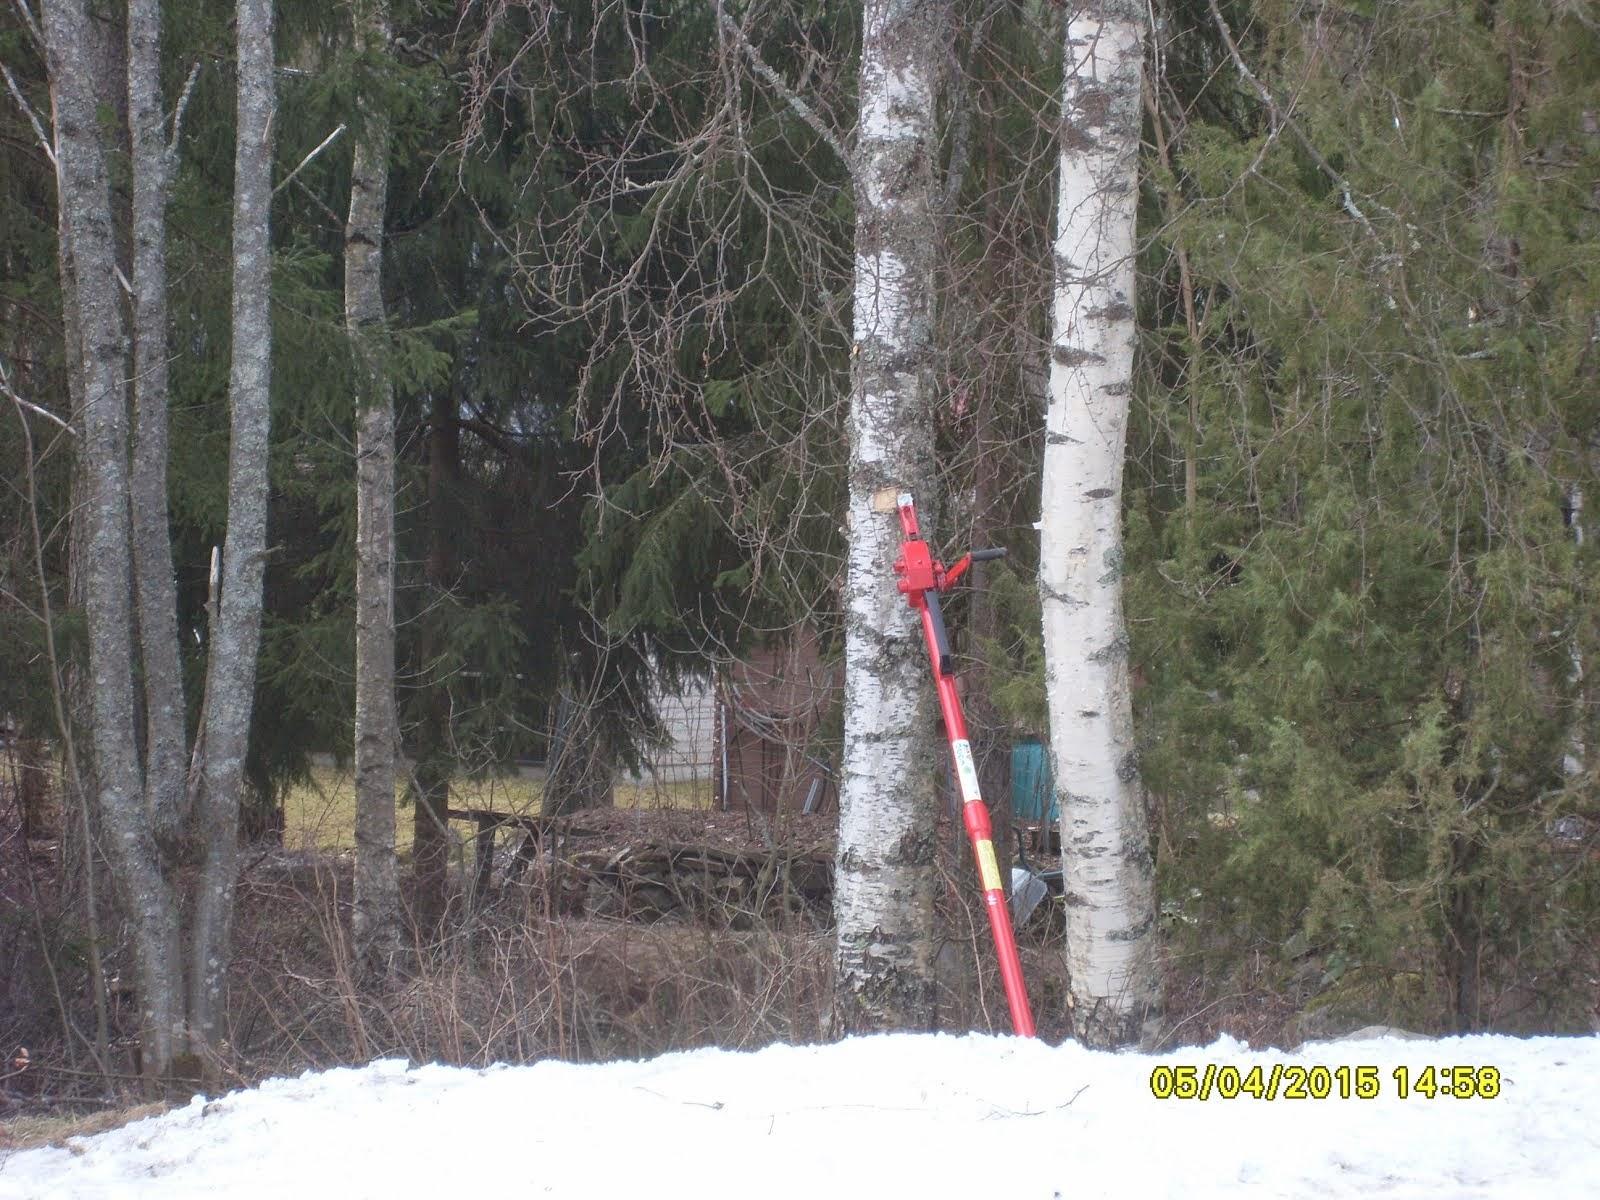 Pihakoivujen kaadot Tampere Ylöjärvi Nokia Pirkanmaa kaadonsuuntaaja Stalpenin avulla